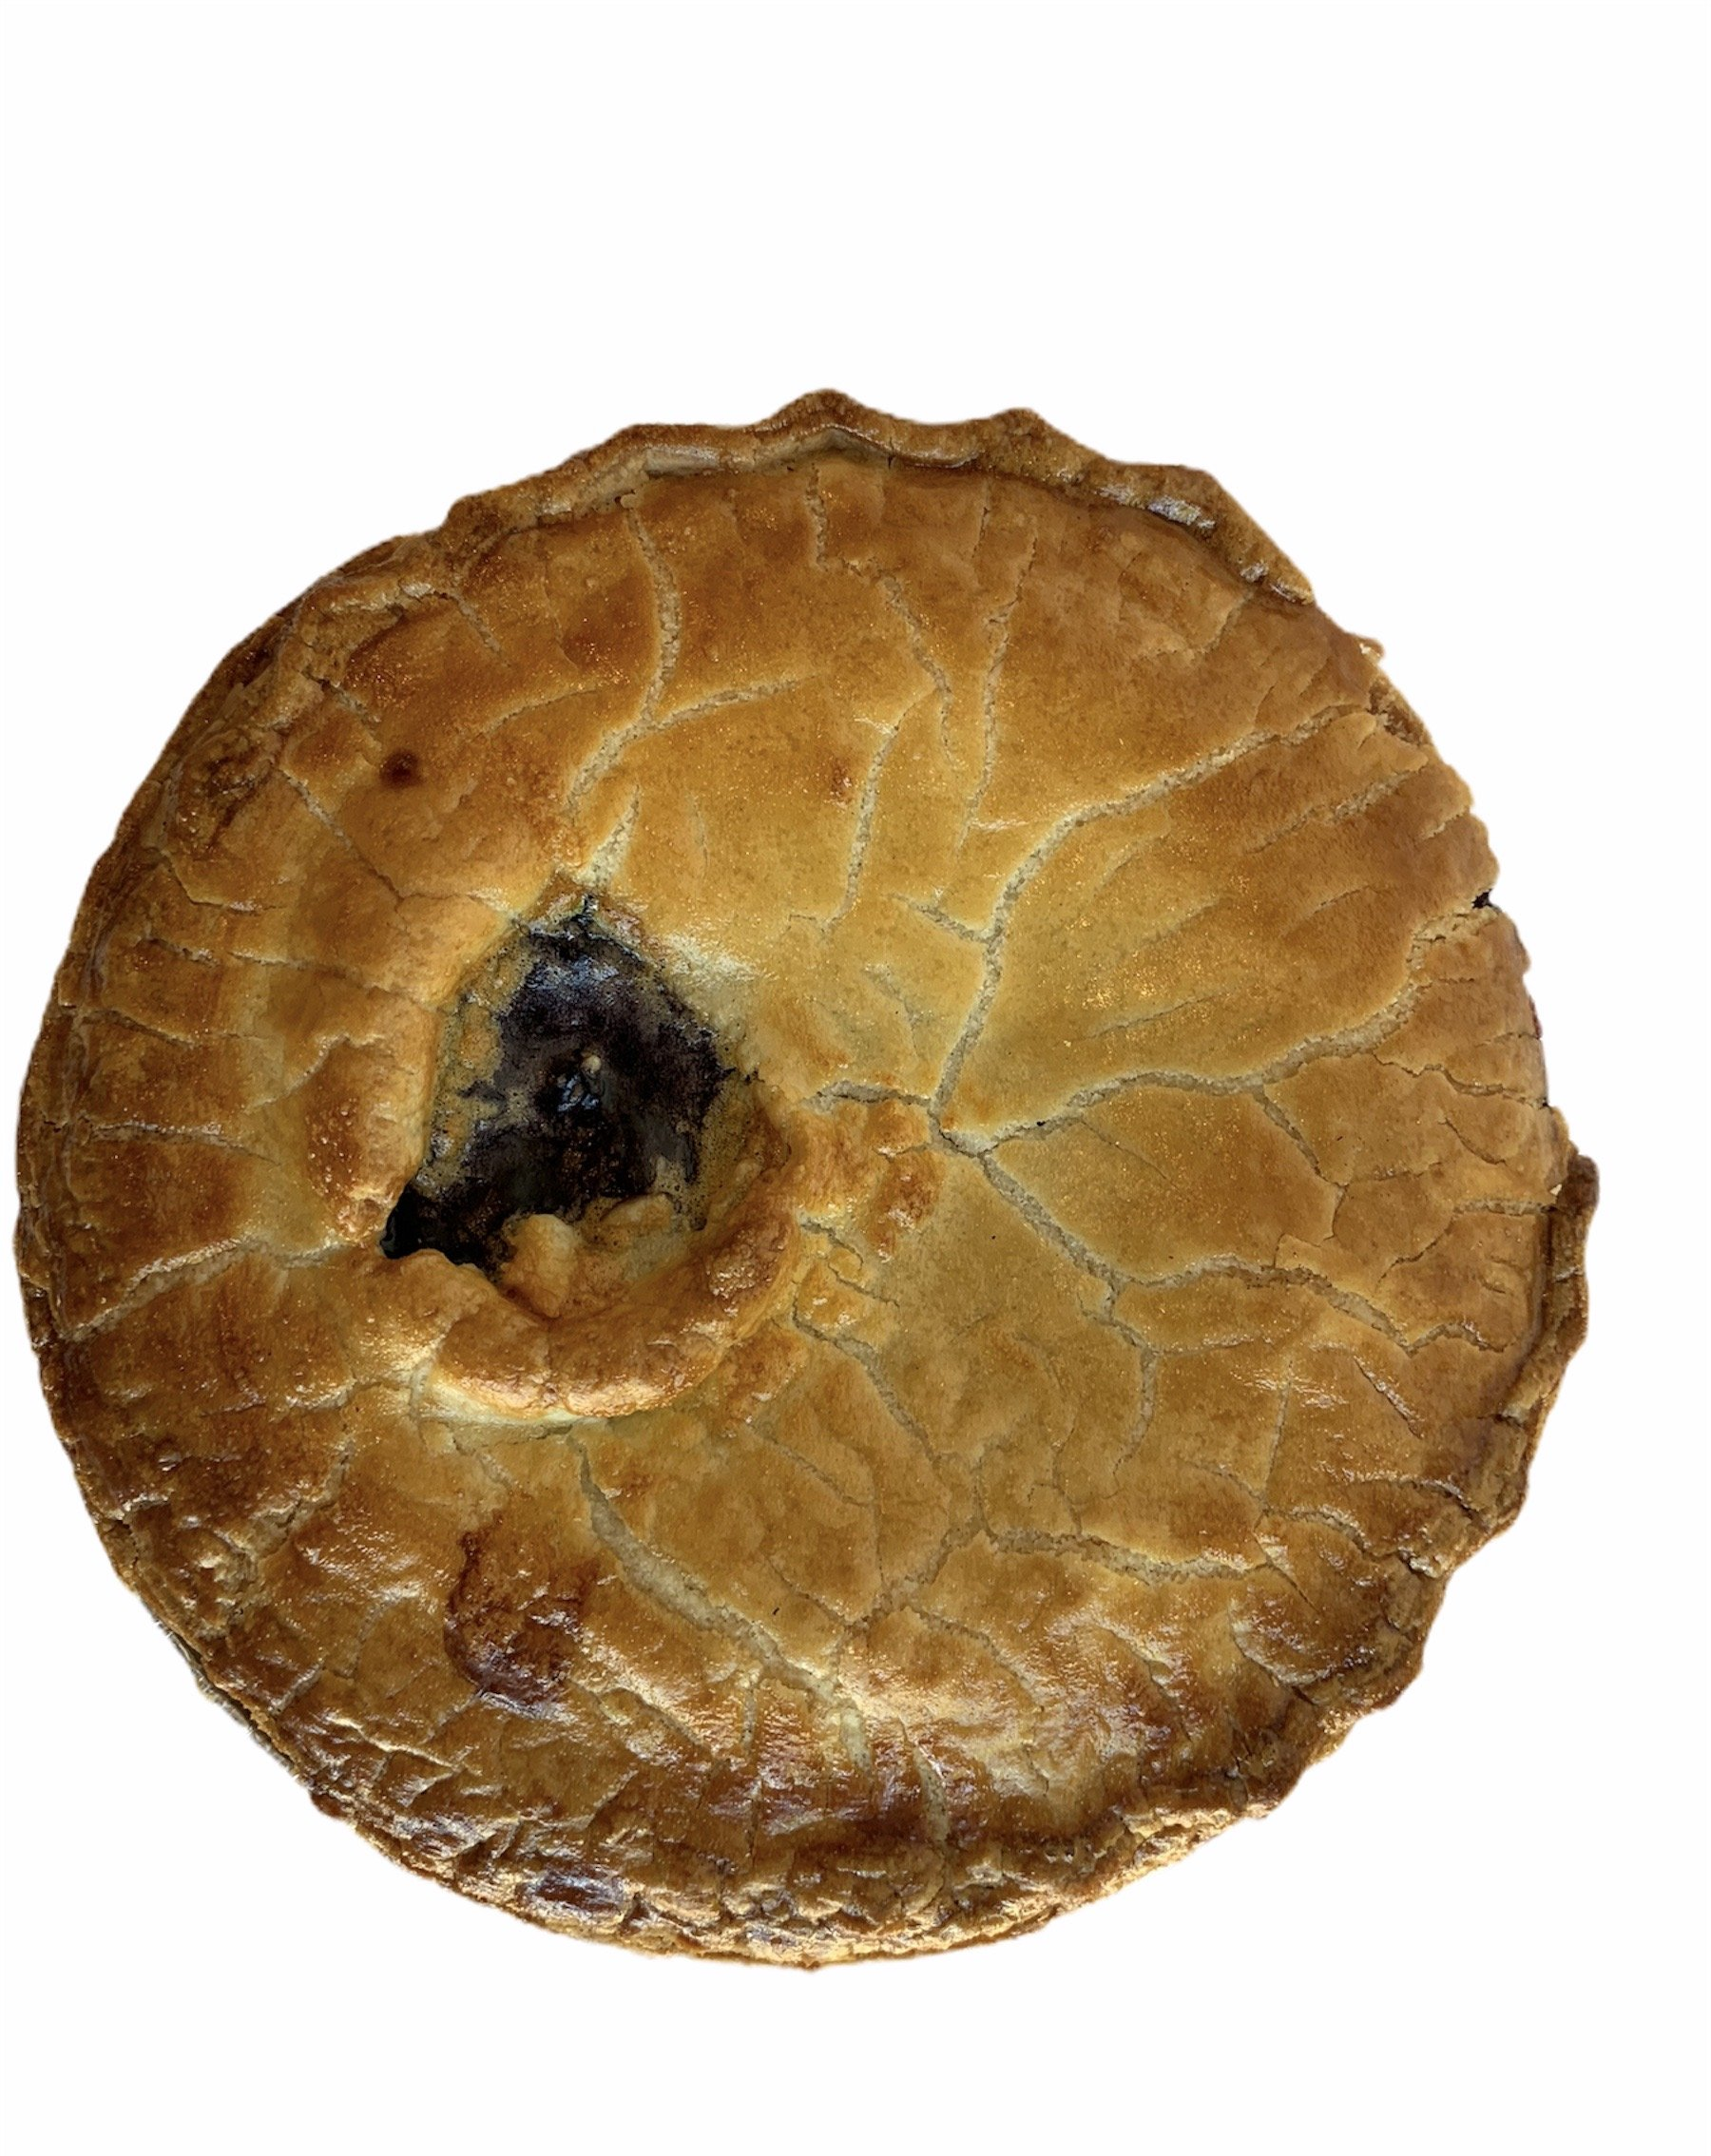 Granny's Blue Berry Pie